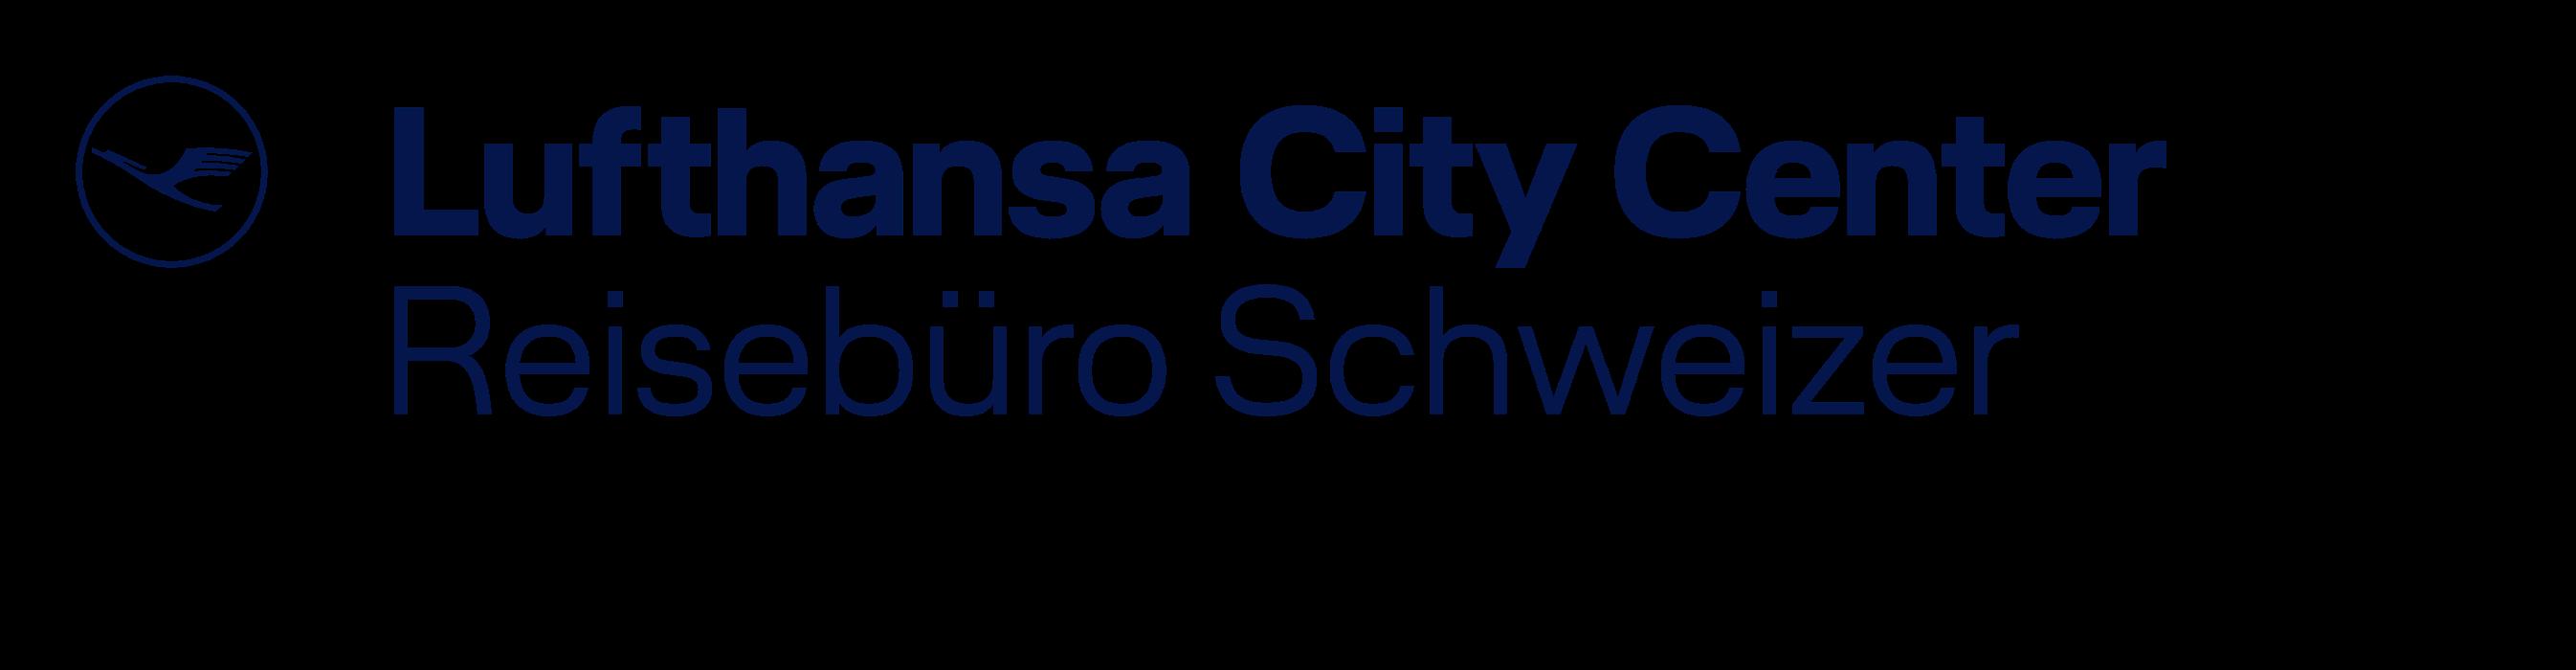 Lufthansa City Center Reisebüro Schweizer